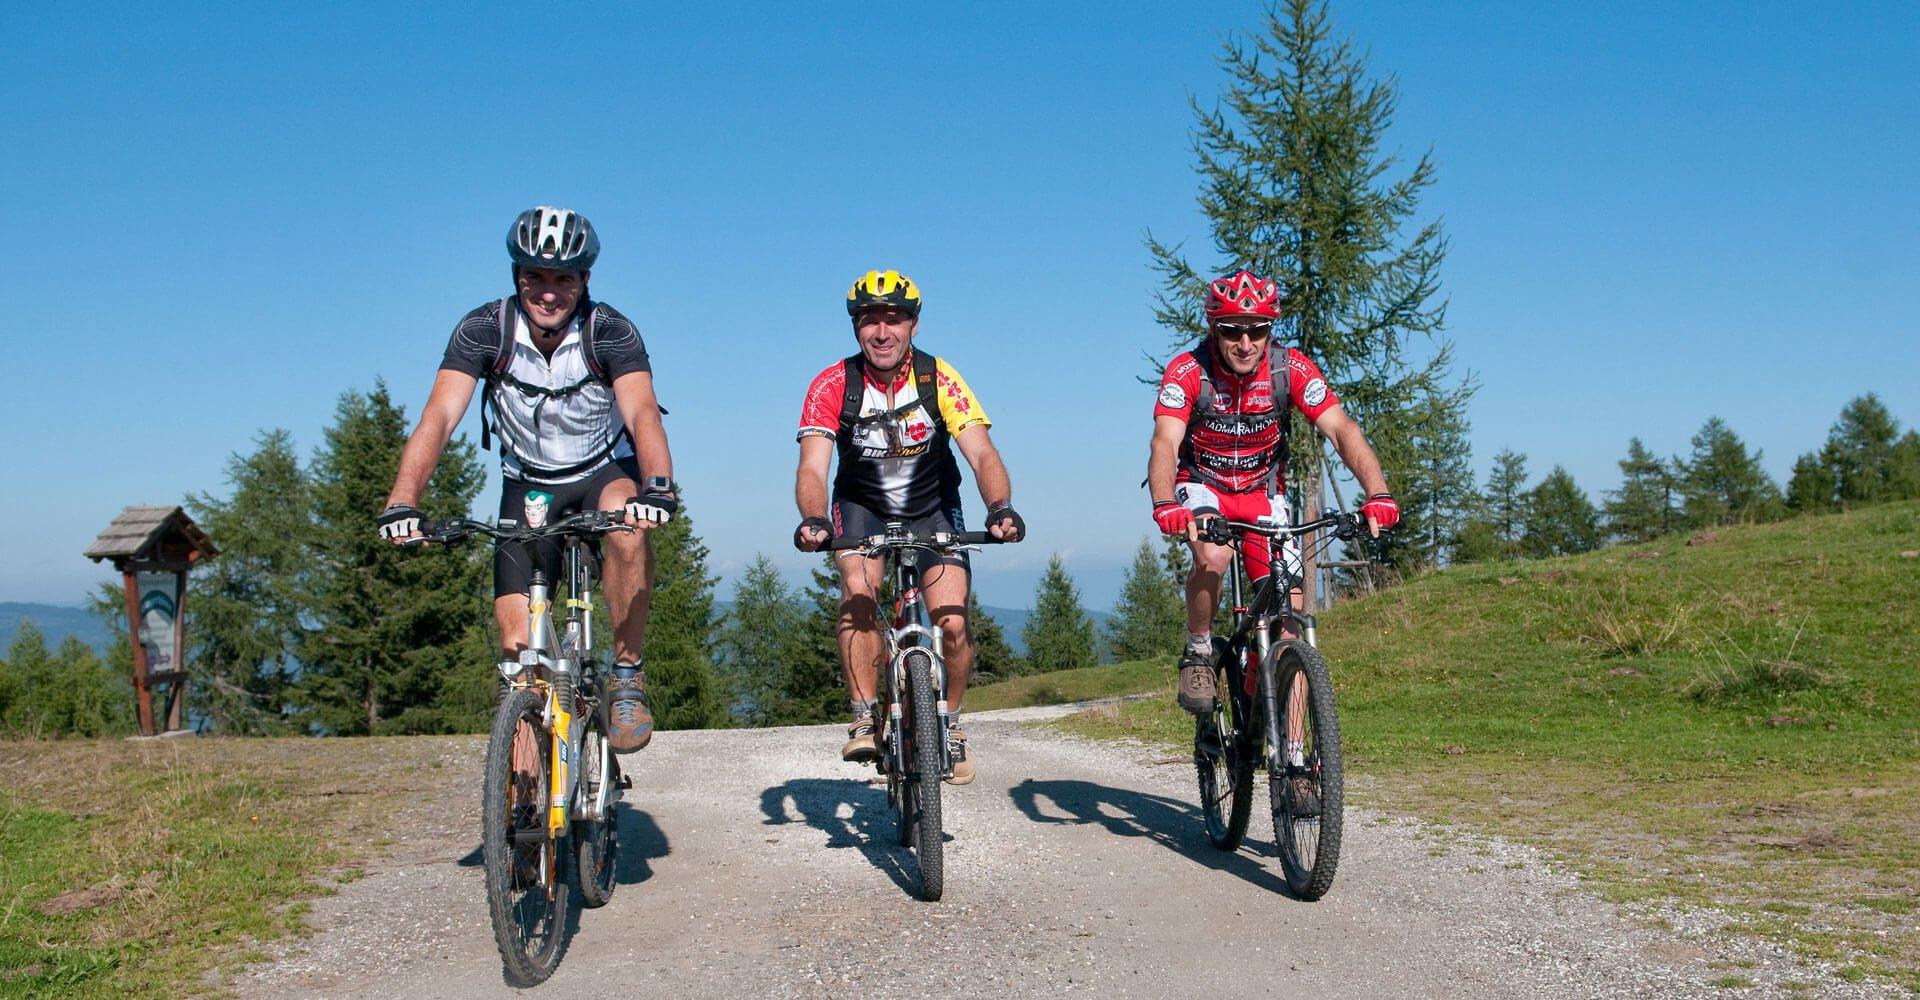 Mountainbiker auf Gerlitzen Alpe am Ossiacher See in Kärnten bei Urlaub in Pension Pilsachhof - Unterkunft Nähe Villach